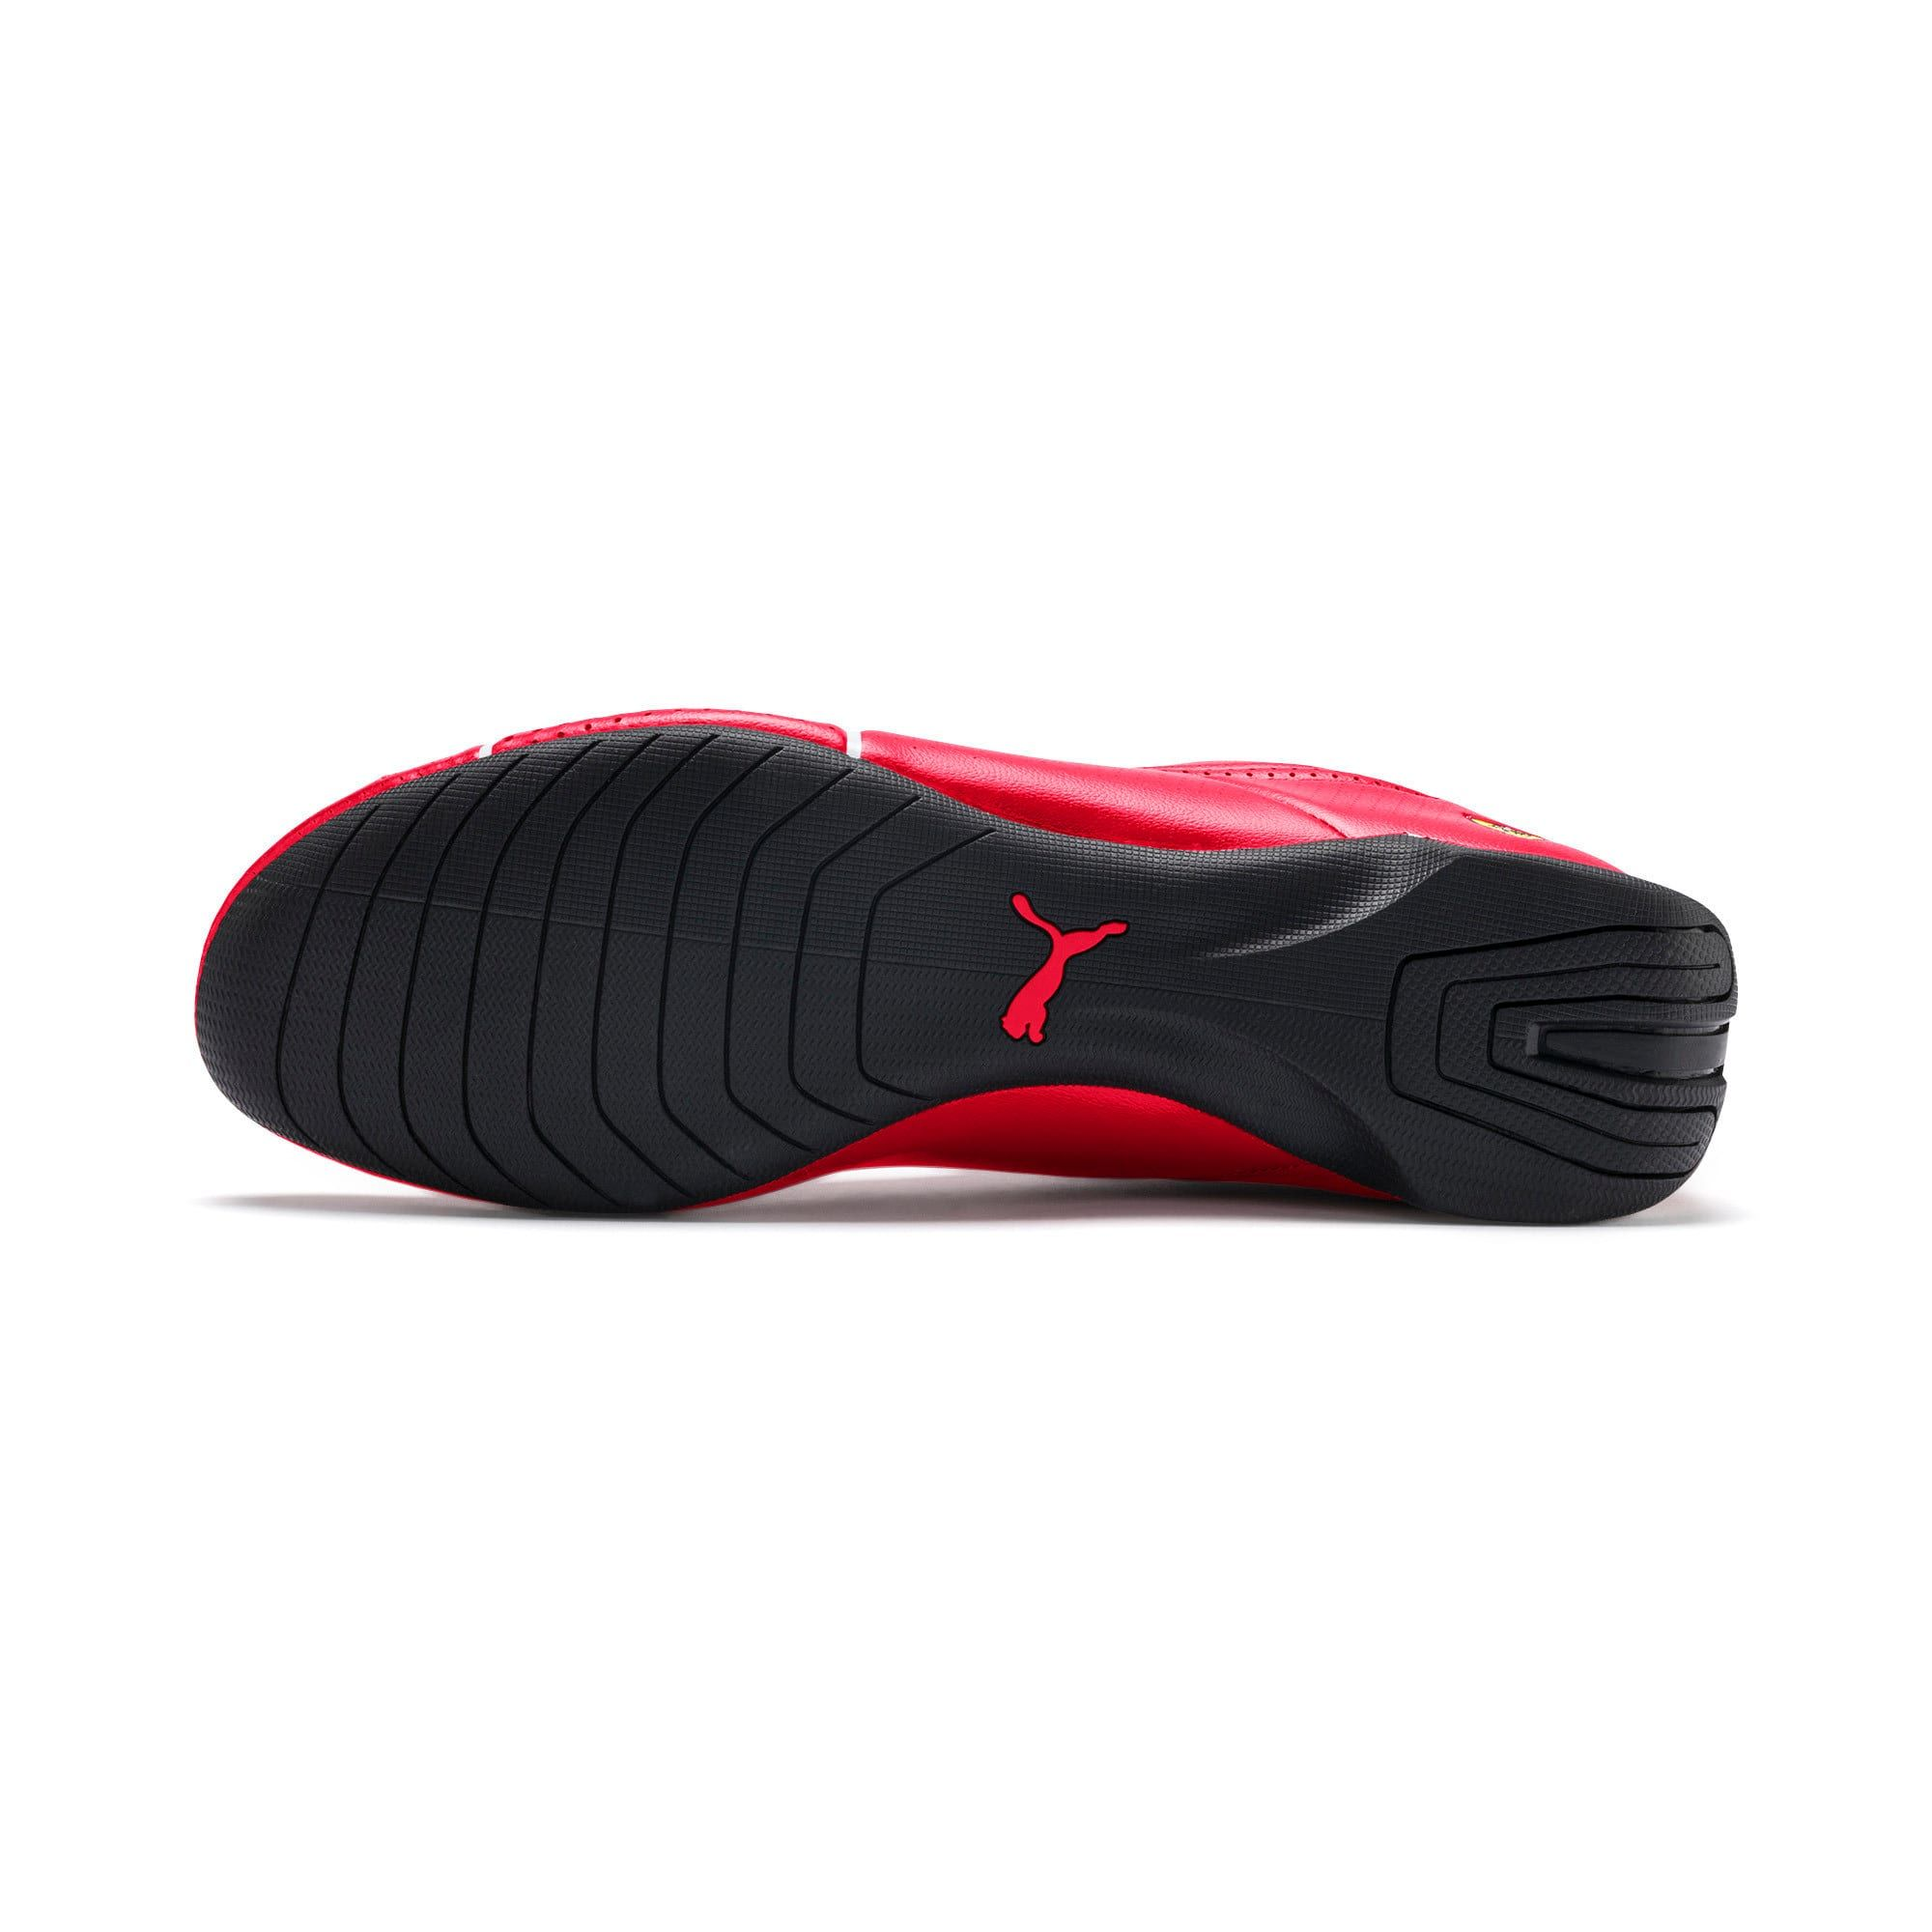 PUMA Ferrari Future Cat Ultra Trainers, Red, size 10.5, Shoes